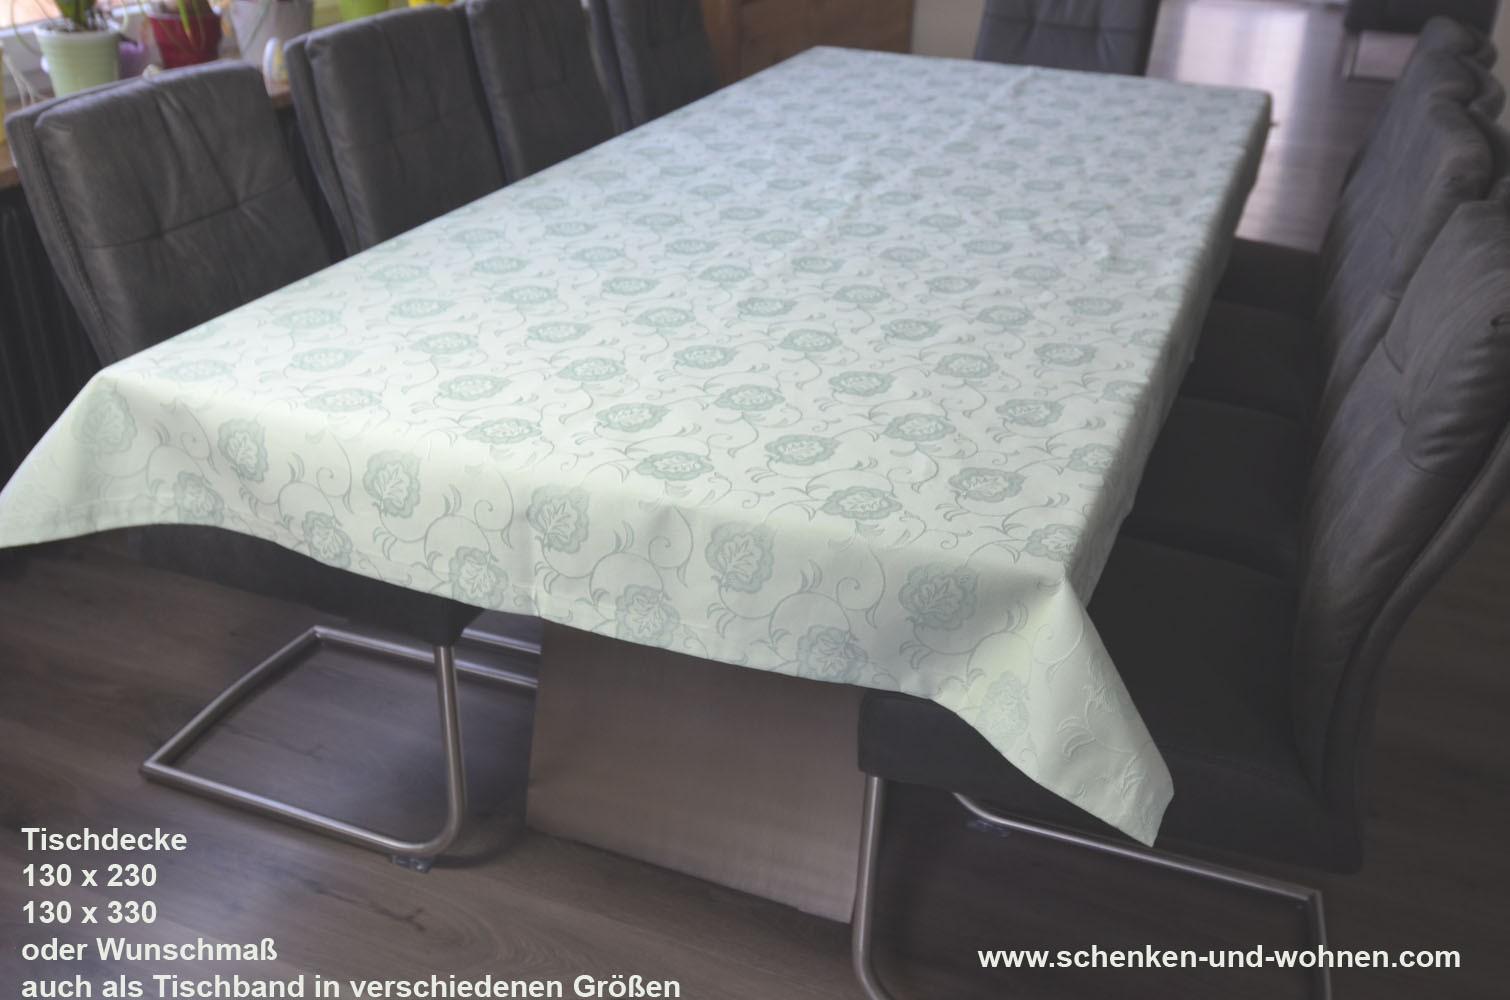 Tischwäsche Tischdecke 130 x 230 cm schilfgrün